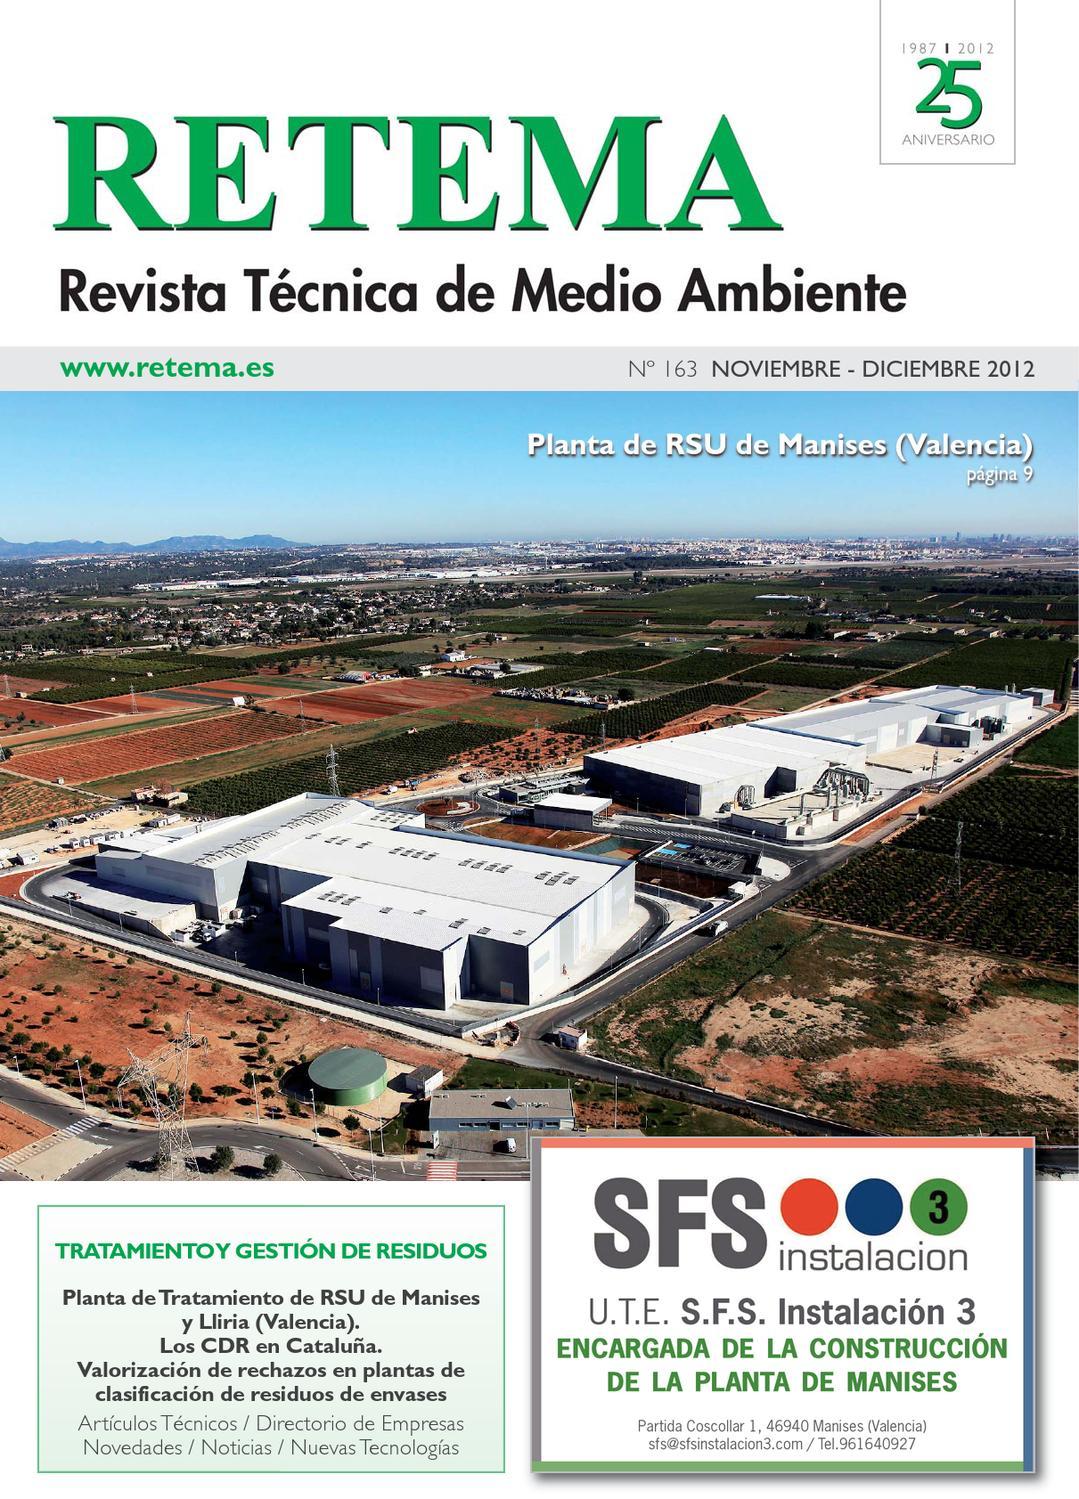 RETEMA, Revista Técnica de Medio Ambiente by RETEMA, Revista Técnica ...